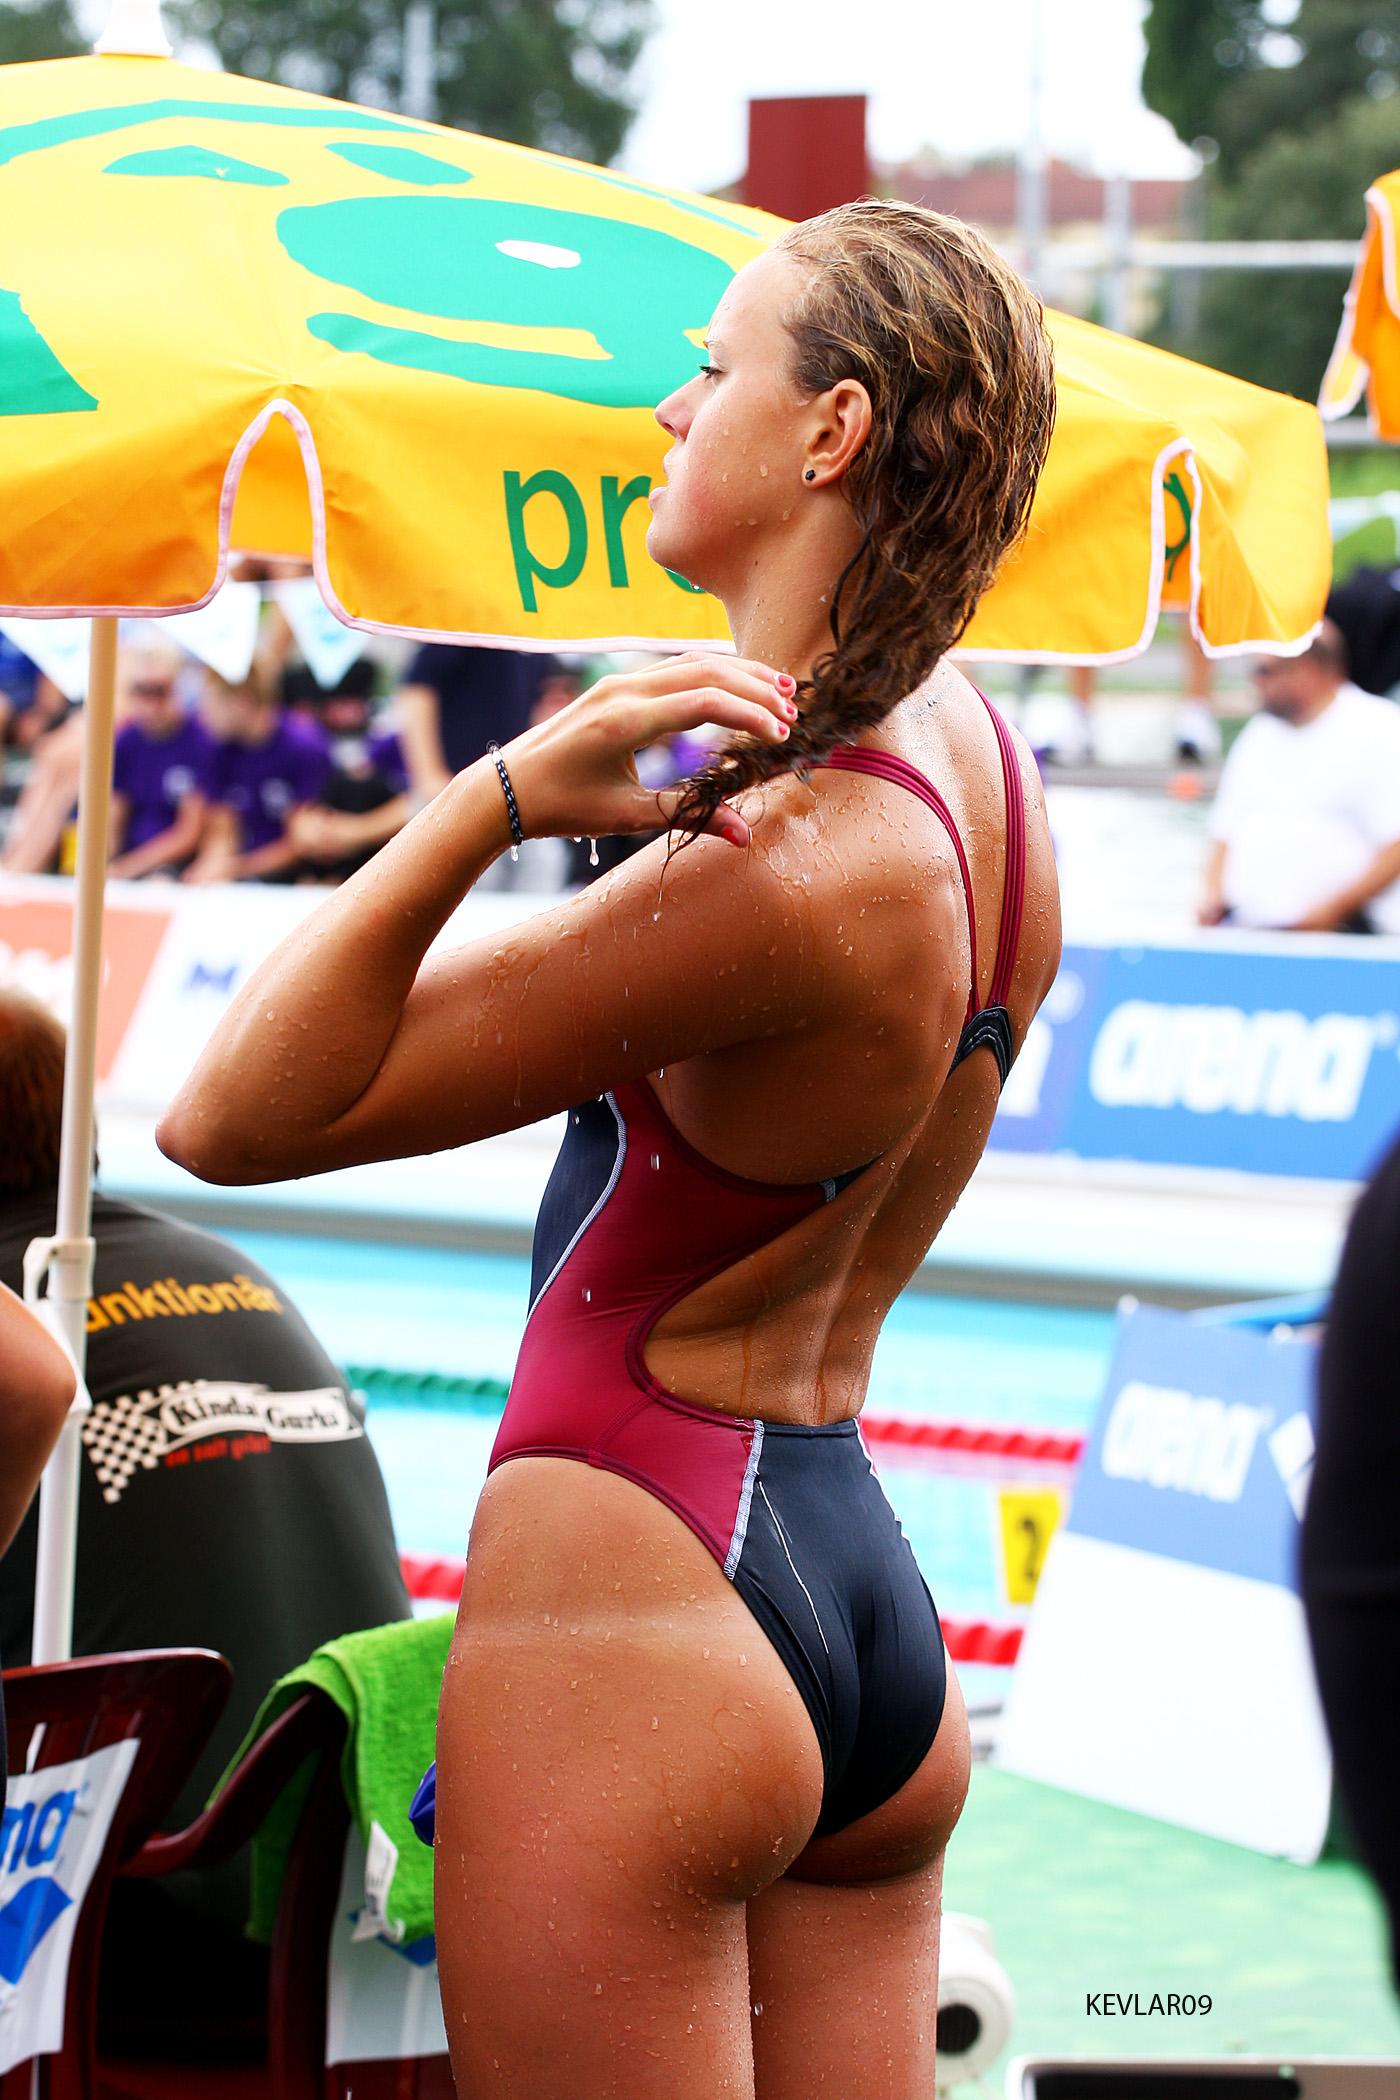 Фото в купальниках спортсменки 23 фотография